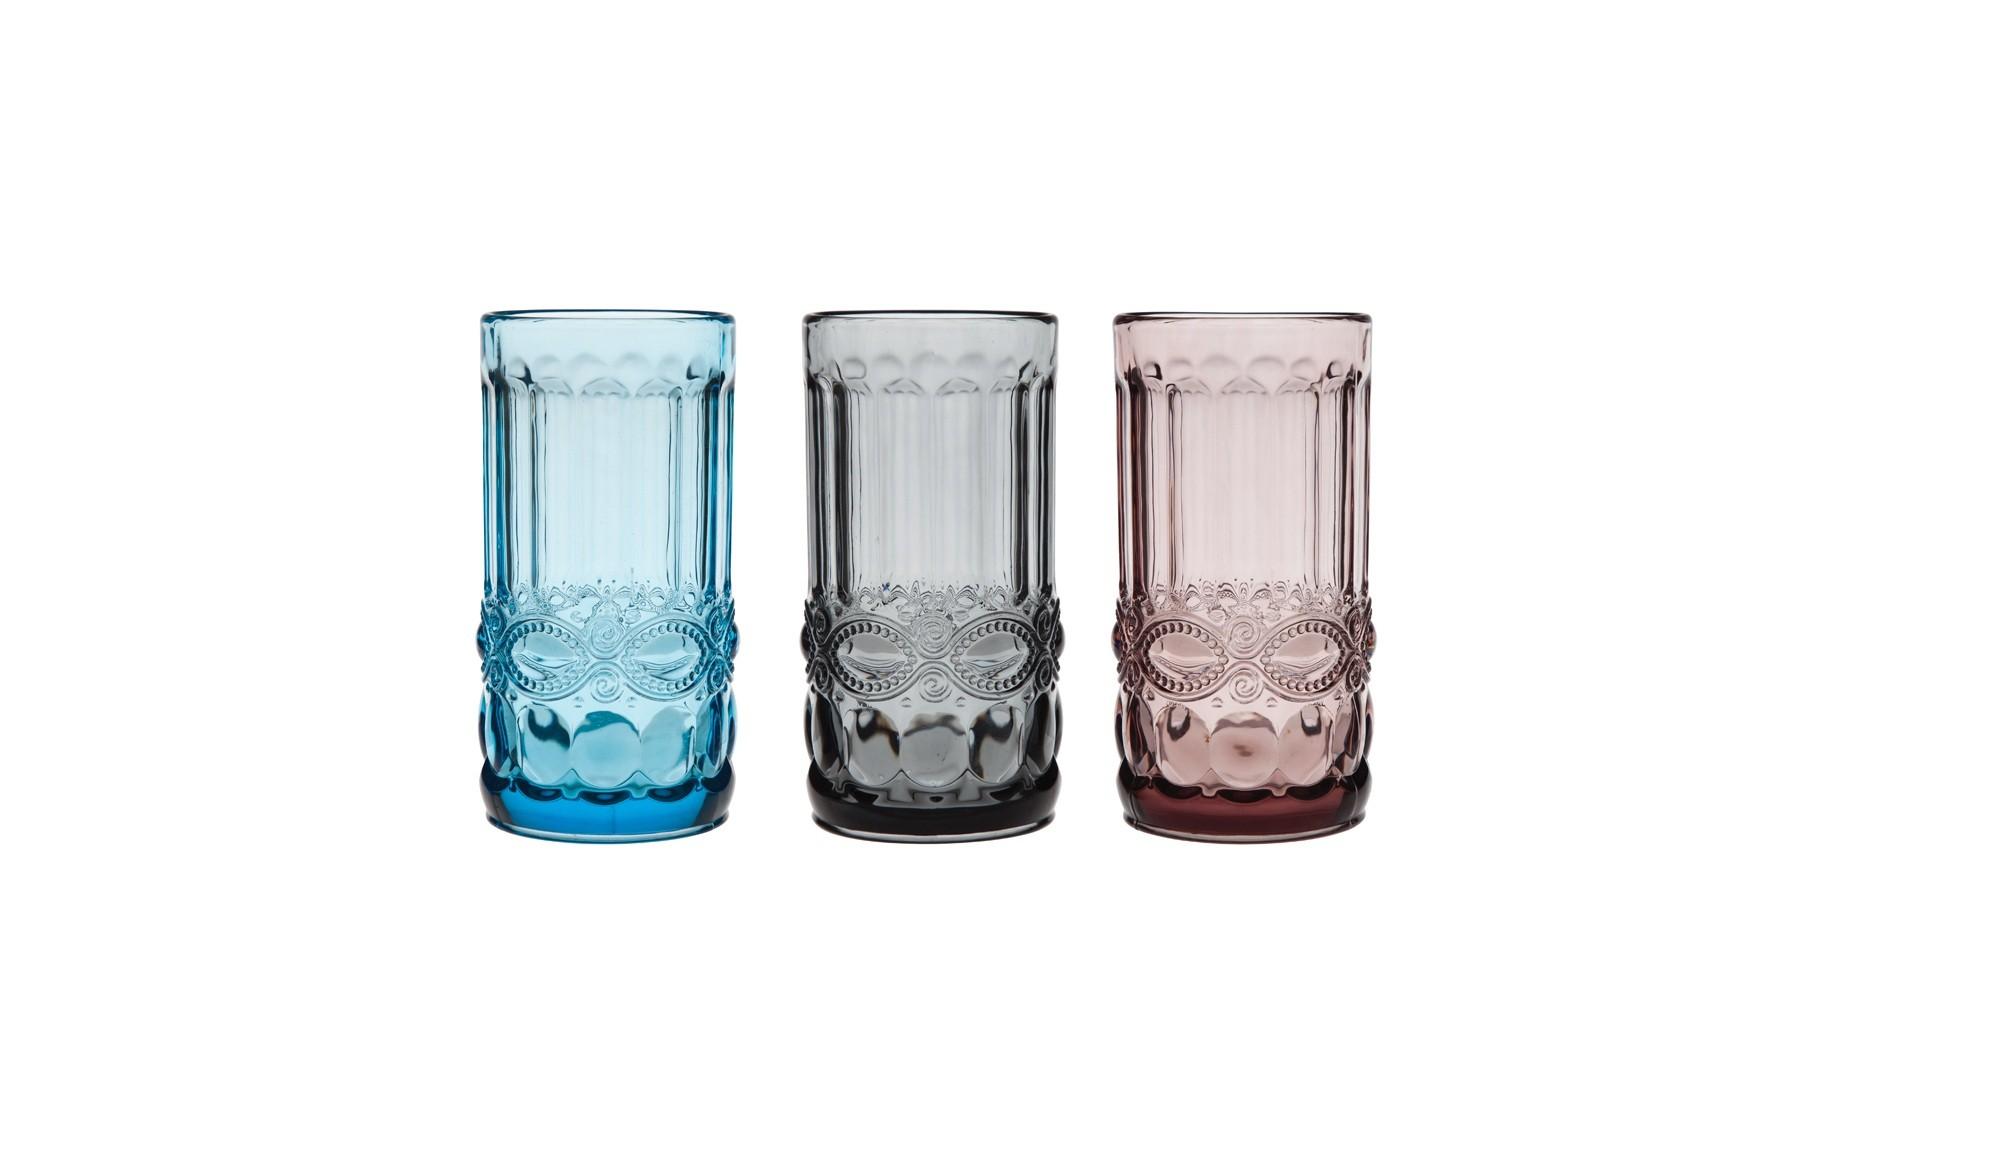 Ποτήρι Νερού - Αναψυκτικού Σετ 6τμχ. Zuma home   ειδη σερβιρισματος   ποτήρια   νερού   αναψυκτικού